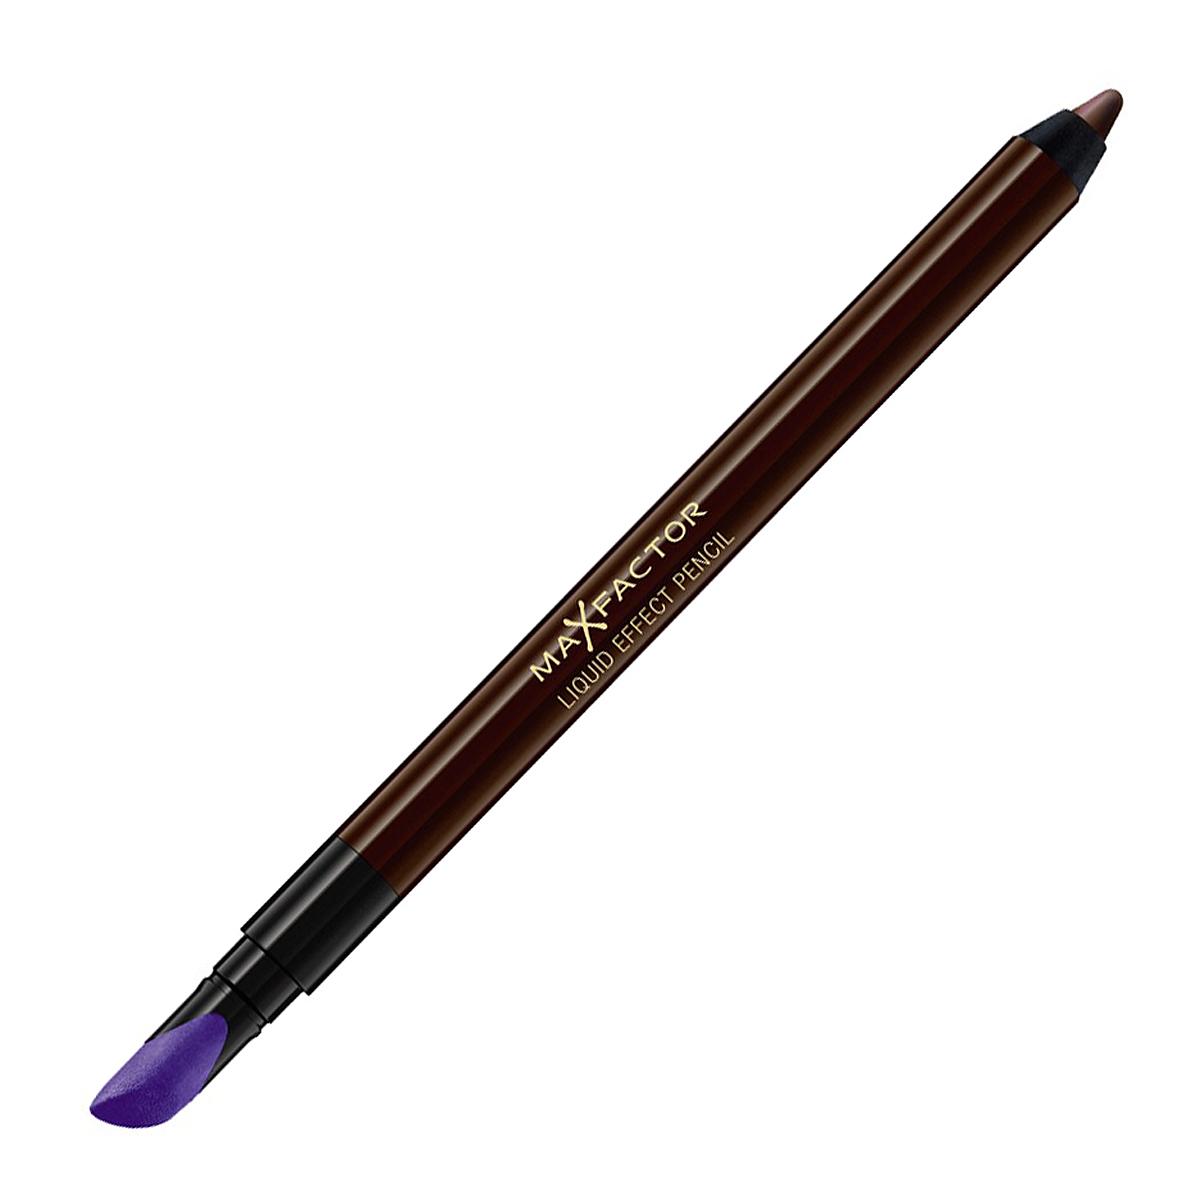 Max Factor Карандаш для глаз Liquid Effect Pencil, тон №05 Brown blaze, цвет: коричневый5010777139655Контурный карандаш для глаз Liquid Effect Pencil - это уникальное экспертное решение компании MaxFactor для макияжа глаз. Удобство использования карандаша сочетается с четкостью линий и насыщенностью цвета подводки для век. При помощи специального наконечника можно плавно растушевать стрелки и создать эффект Smoky eyes. Устойчивый к внешним воздействиям. Универсальный карандаш для век поможет придать вашим глазам особую выразительность и таинственность с легким эффектом гламура. Товар сертифицирован.